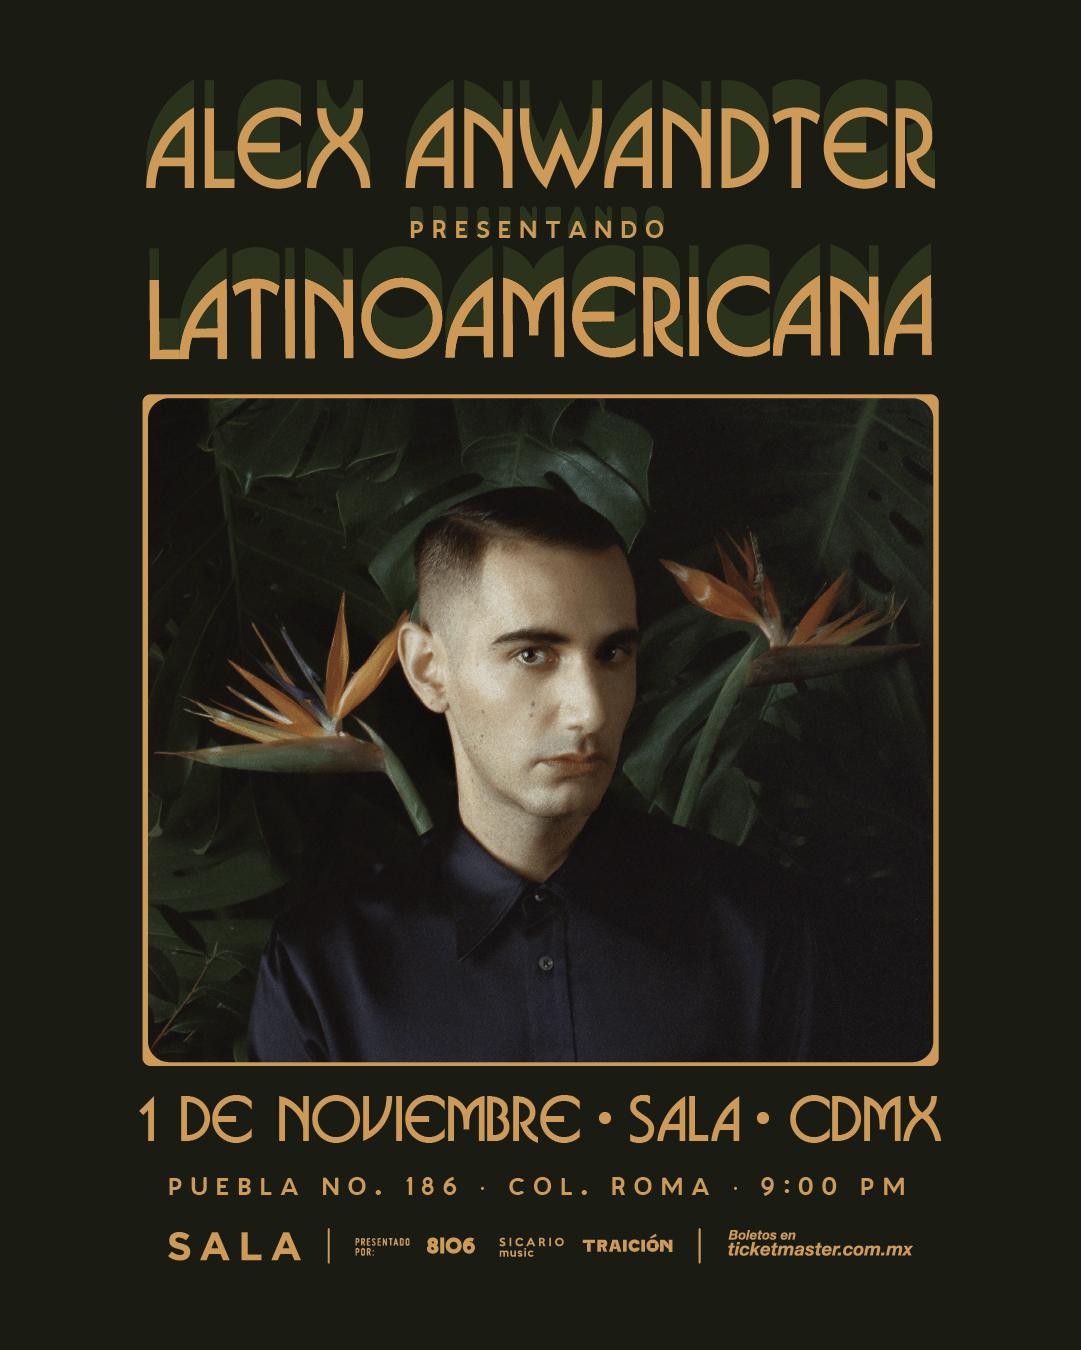 alex-awandter-entrevista-2018